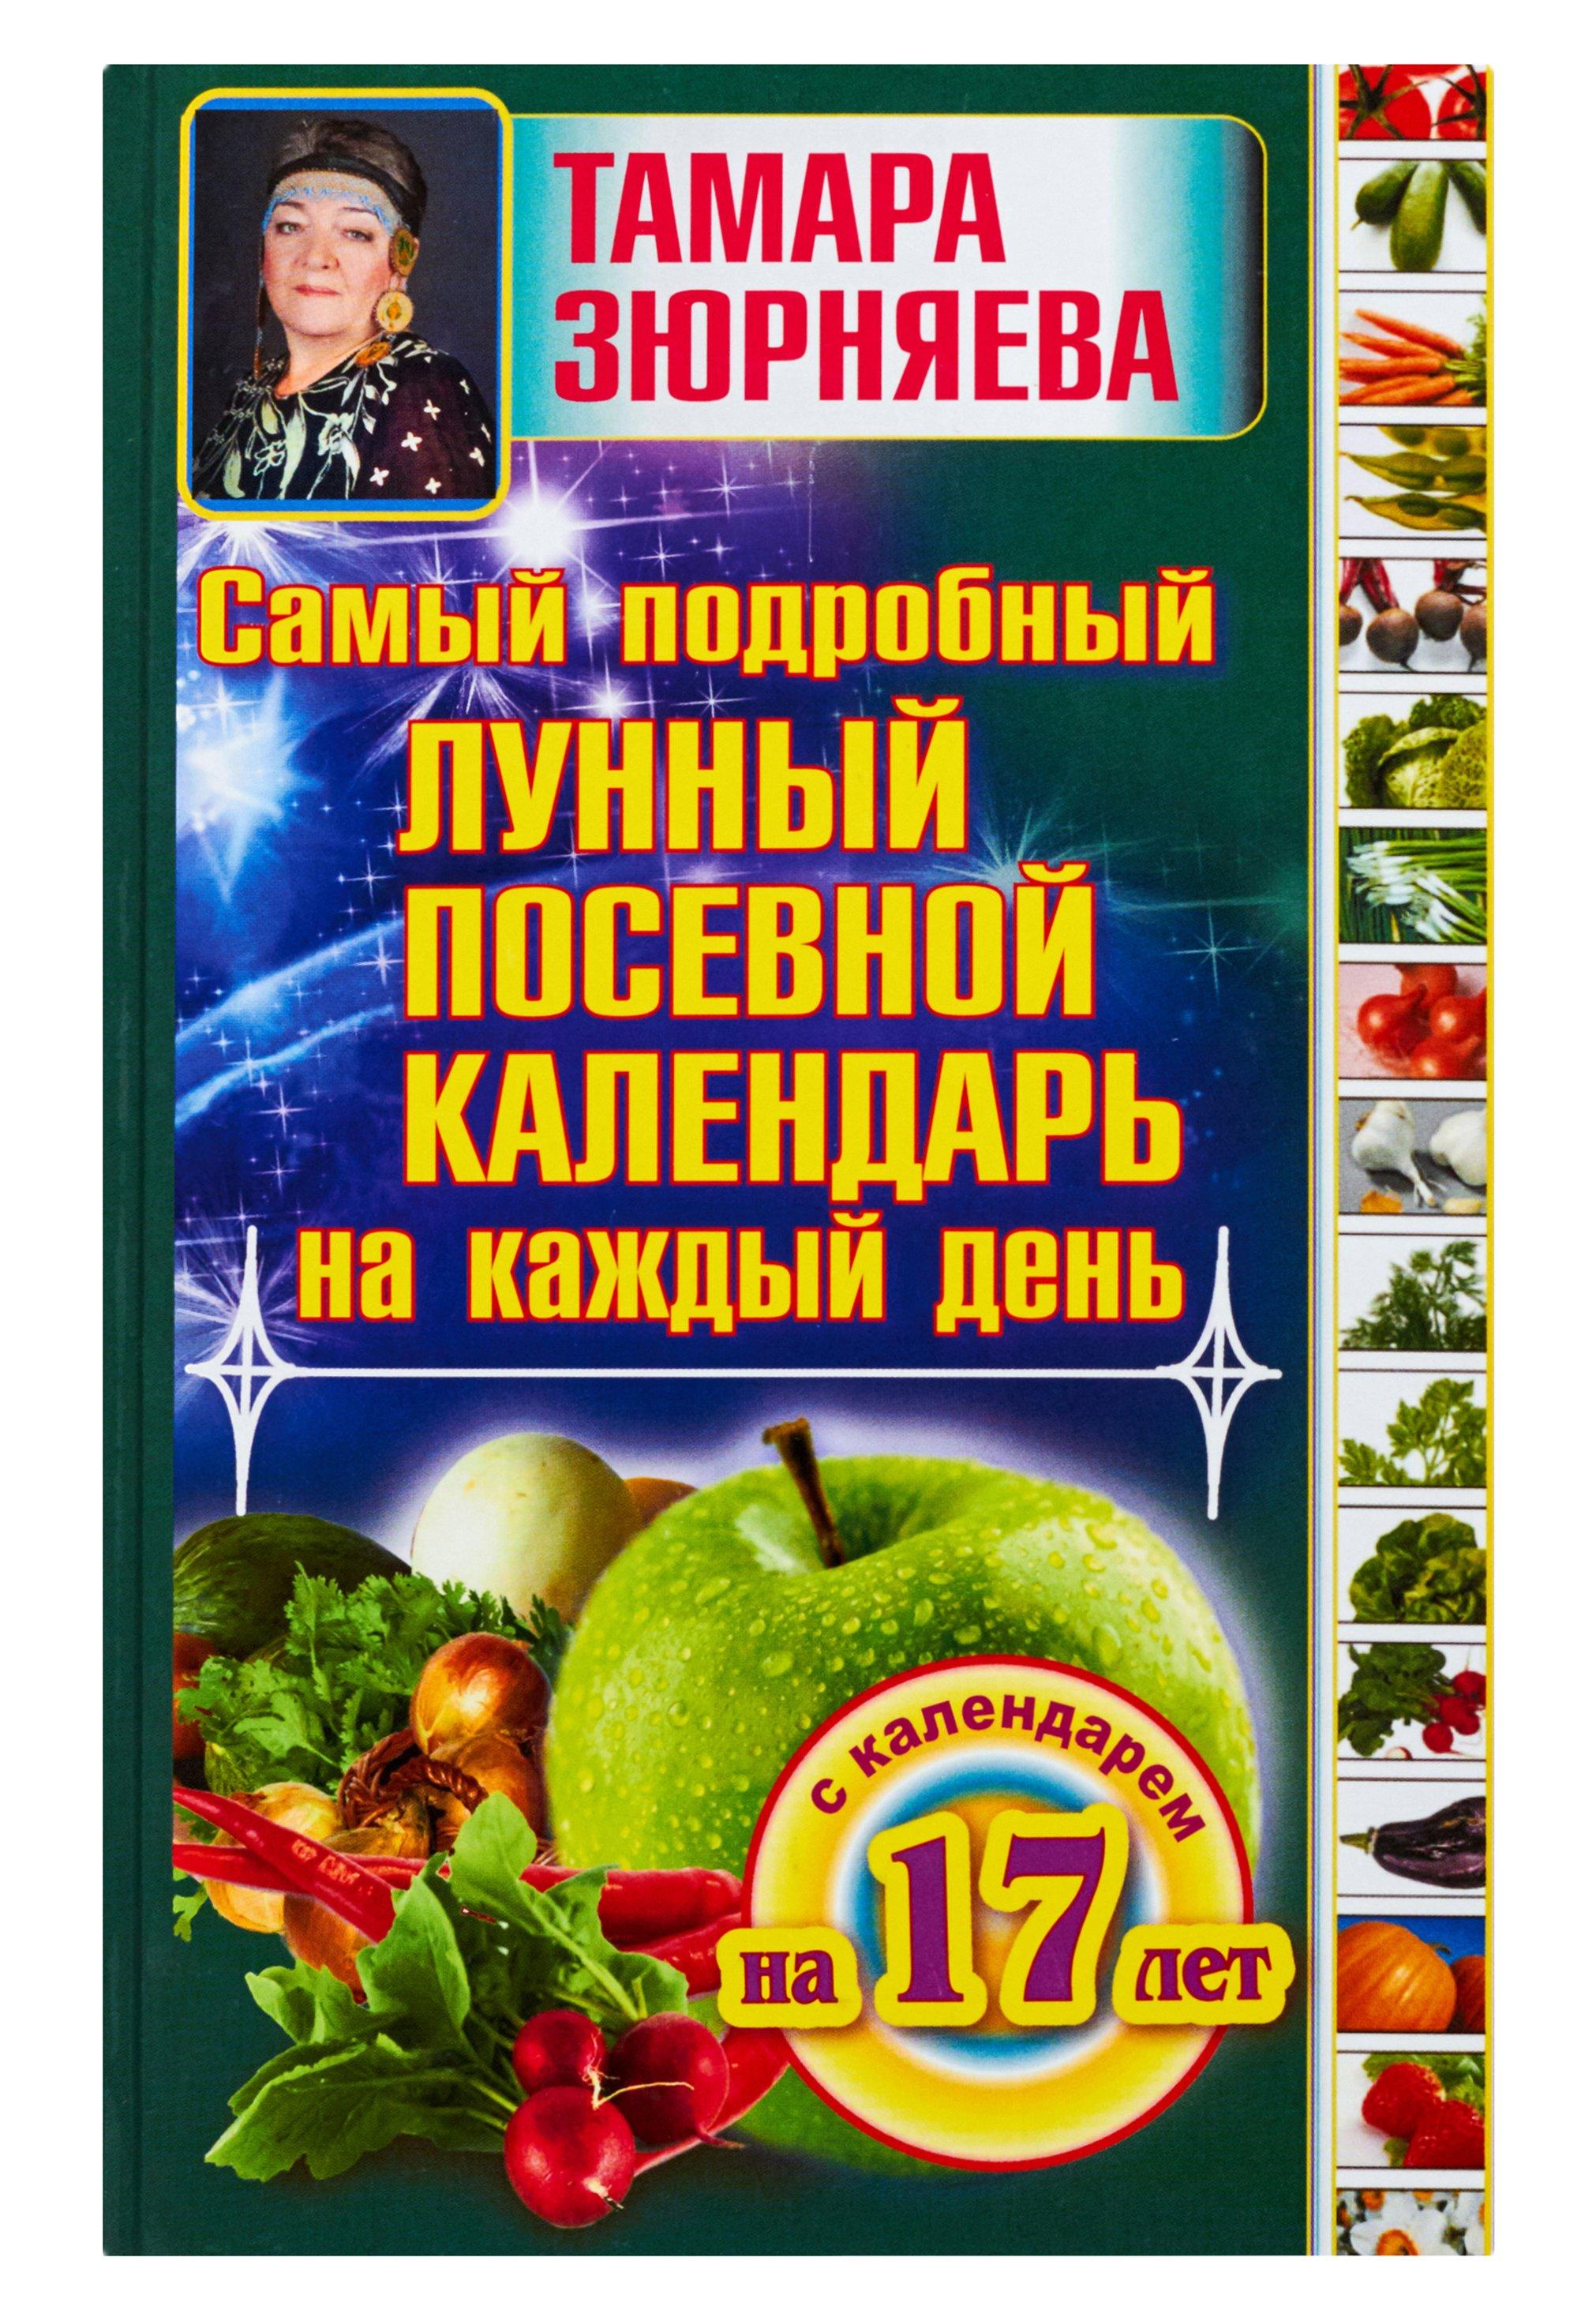 Зюрняева Тамара Самый подробный лунный посевной календарь на каждый день (с календарем на 17 лет цена 2017